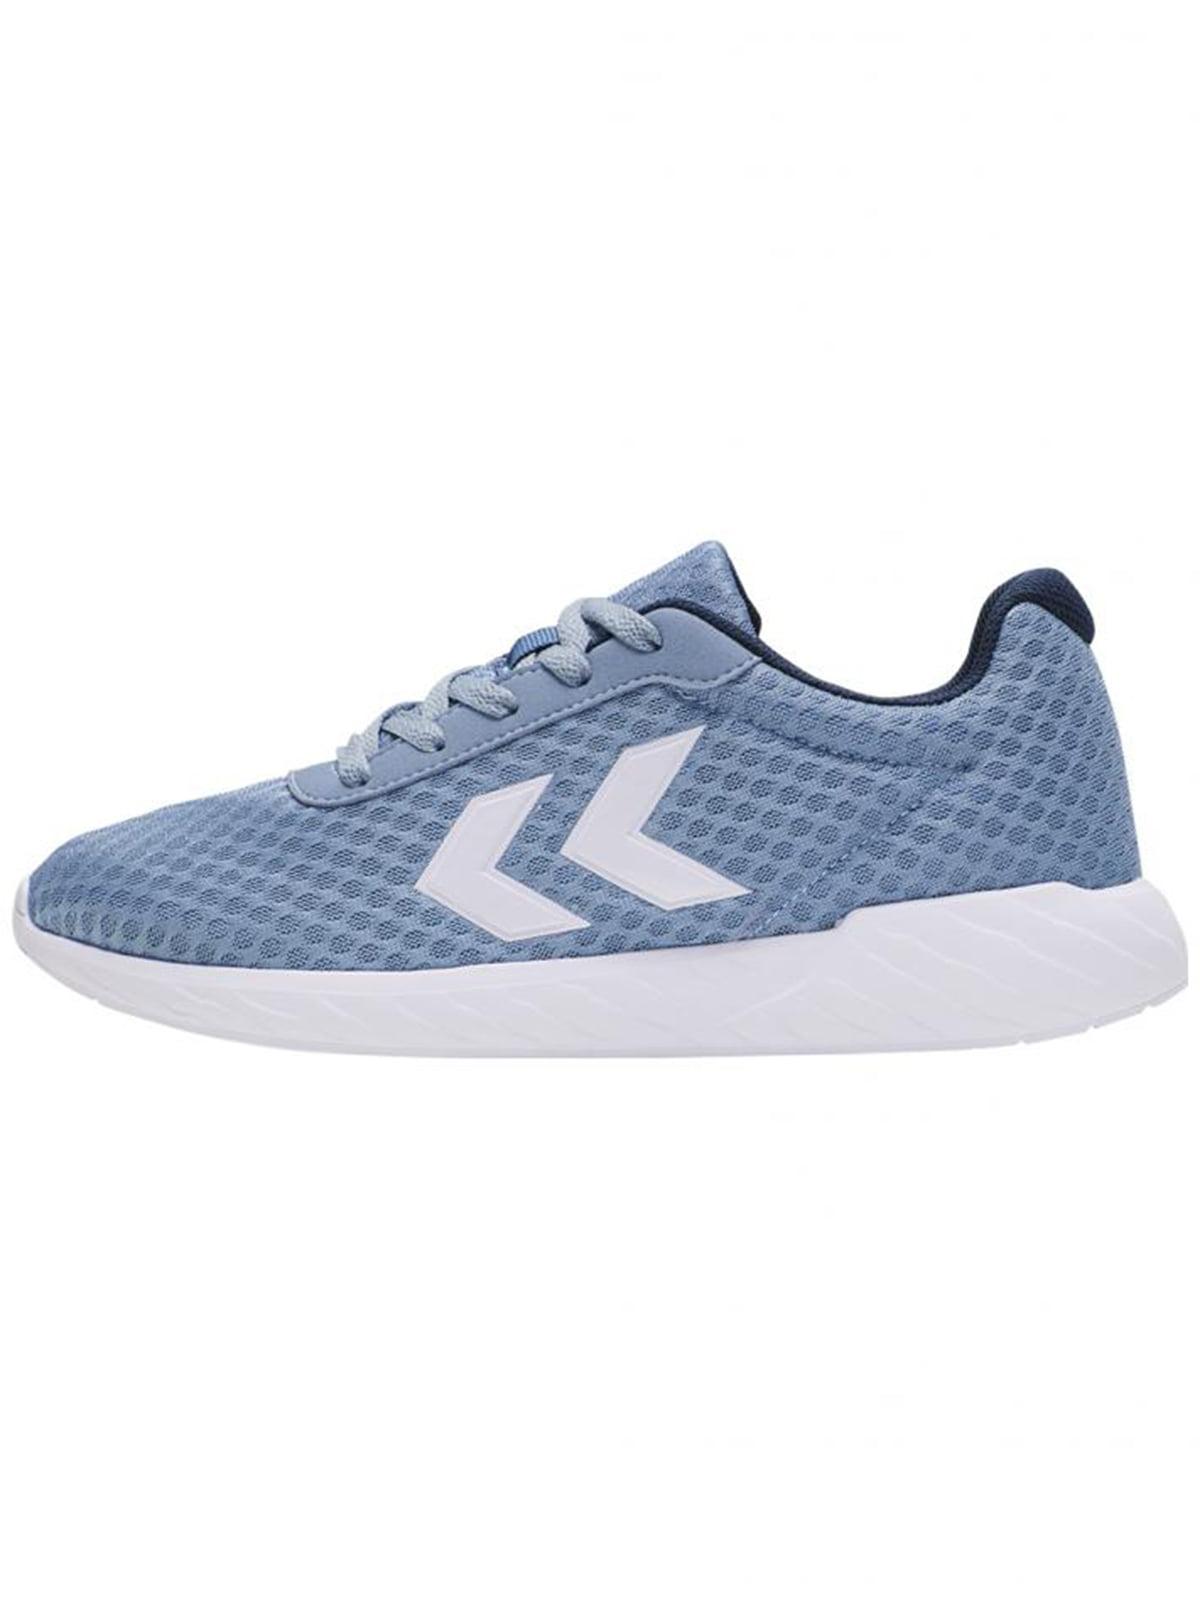 Кроссовки голубого цвета с логотипом | 5677981